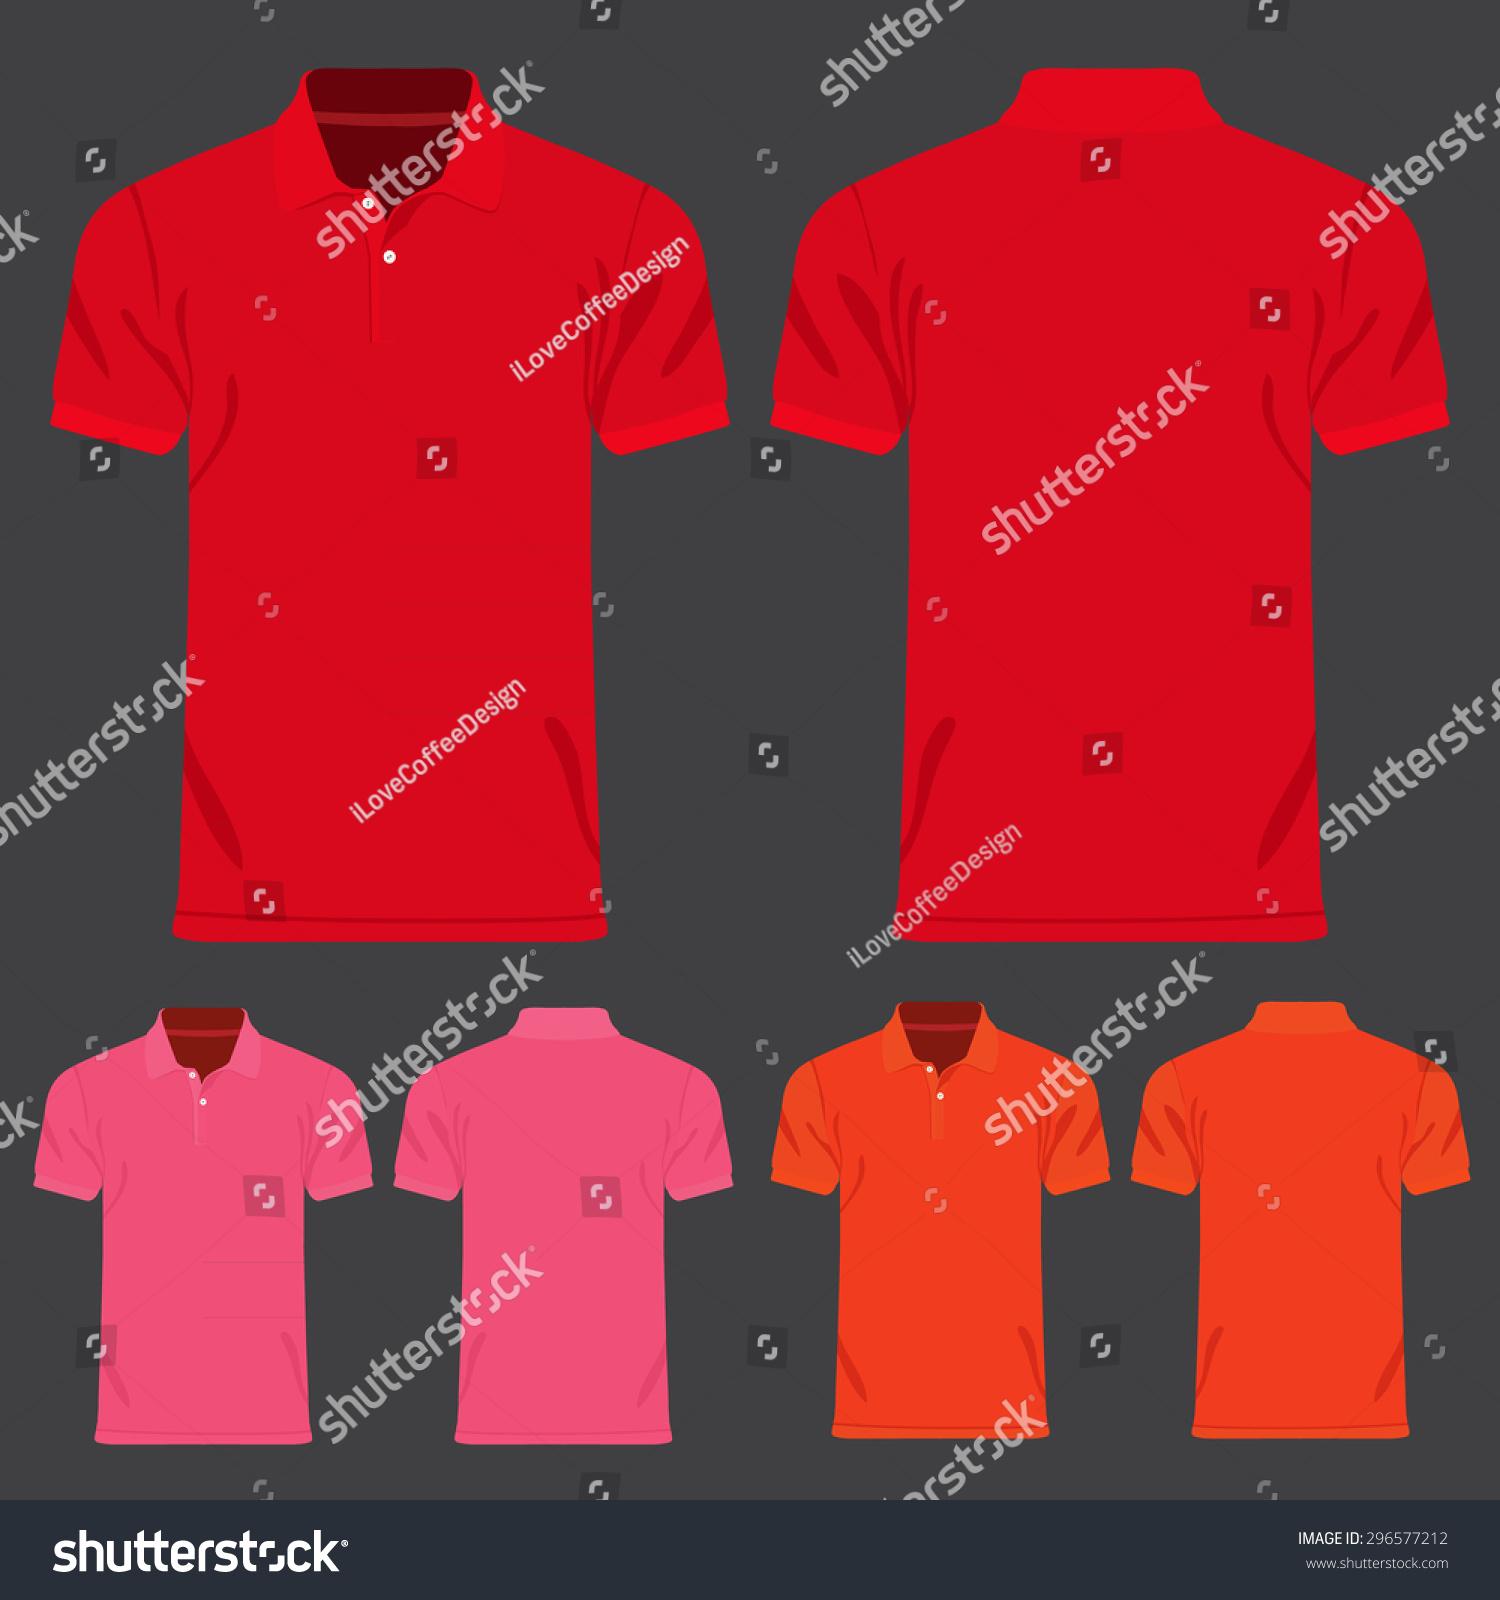 Shirt design red - Color Men T Shirts Design Template Vector Illustration